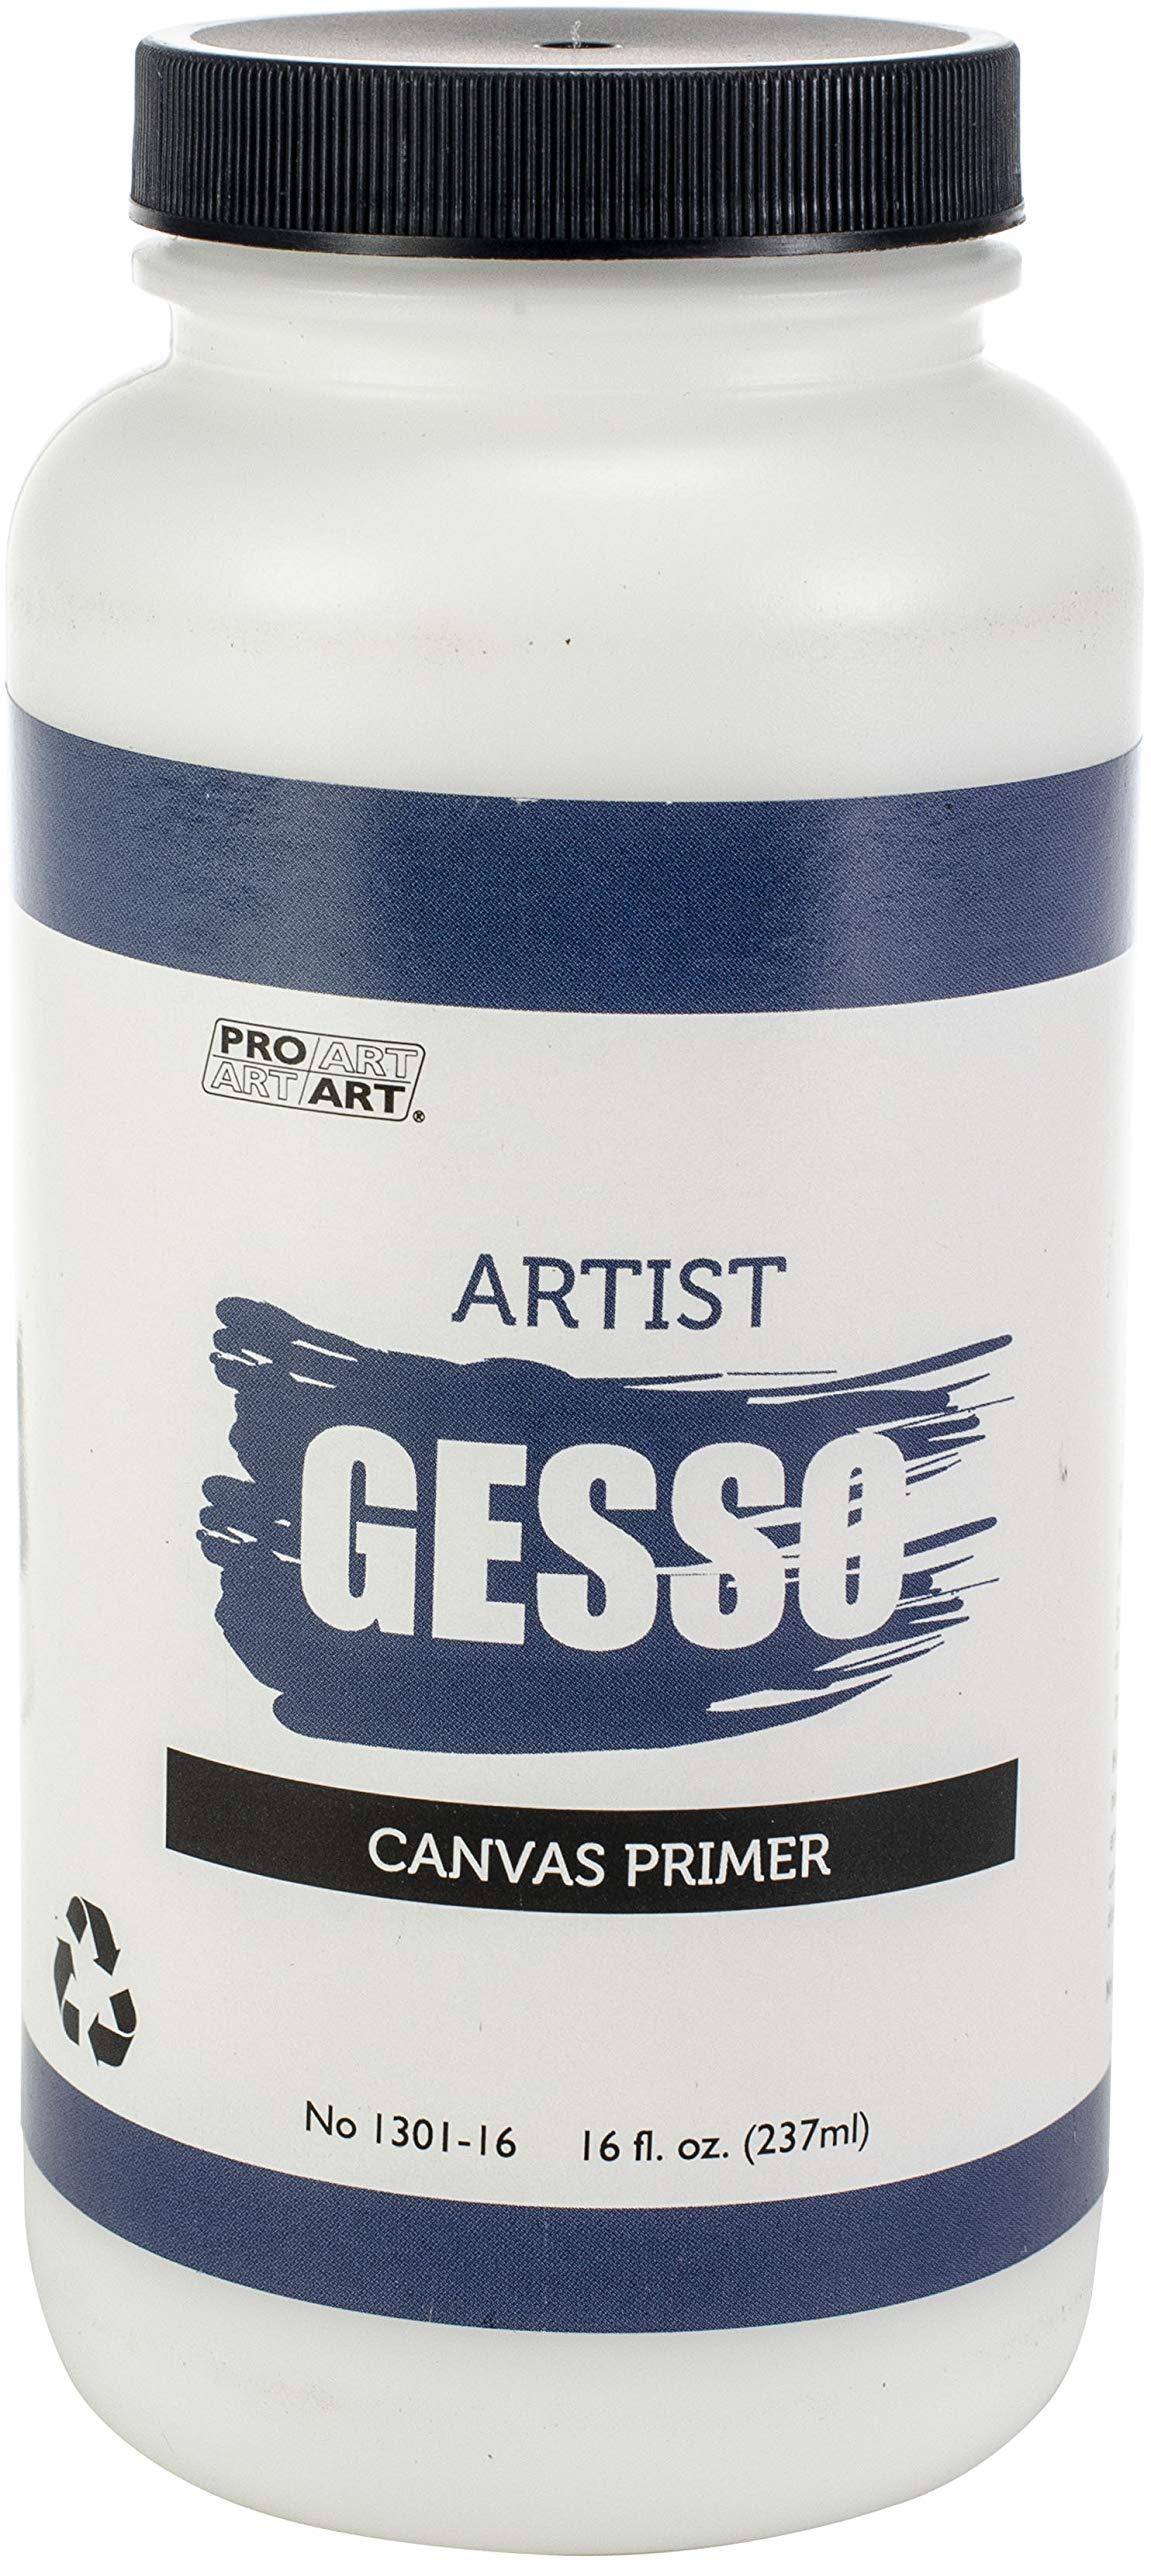 Pro Art Premium Gesso Canvas Primer by Parrot